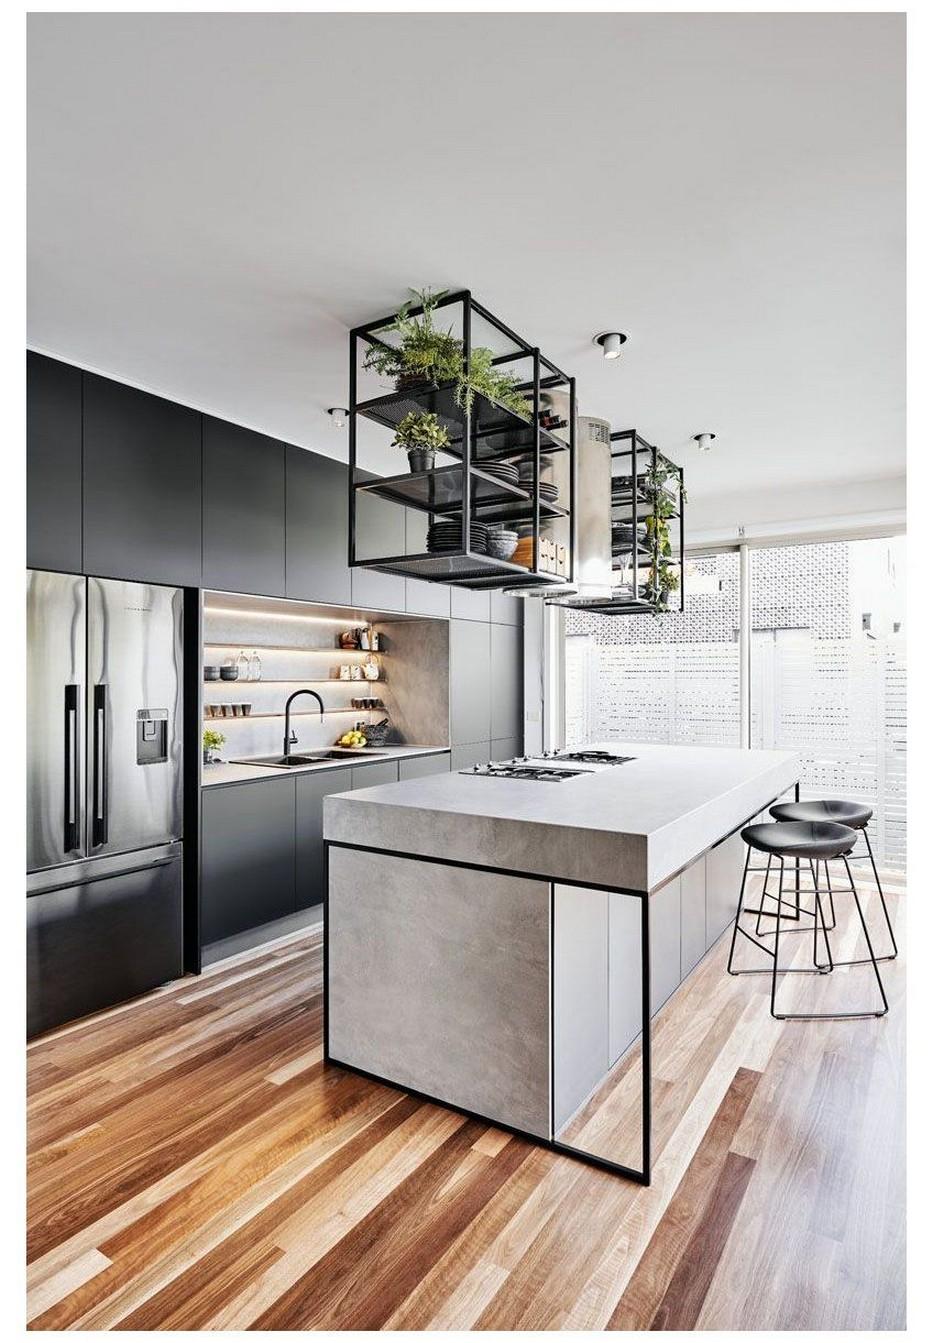 86 Modern Kitchen Ideas For Modern Kitchens Home Decor 66